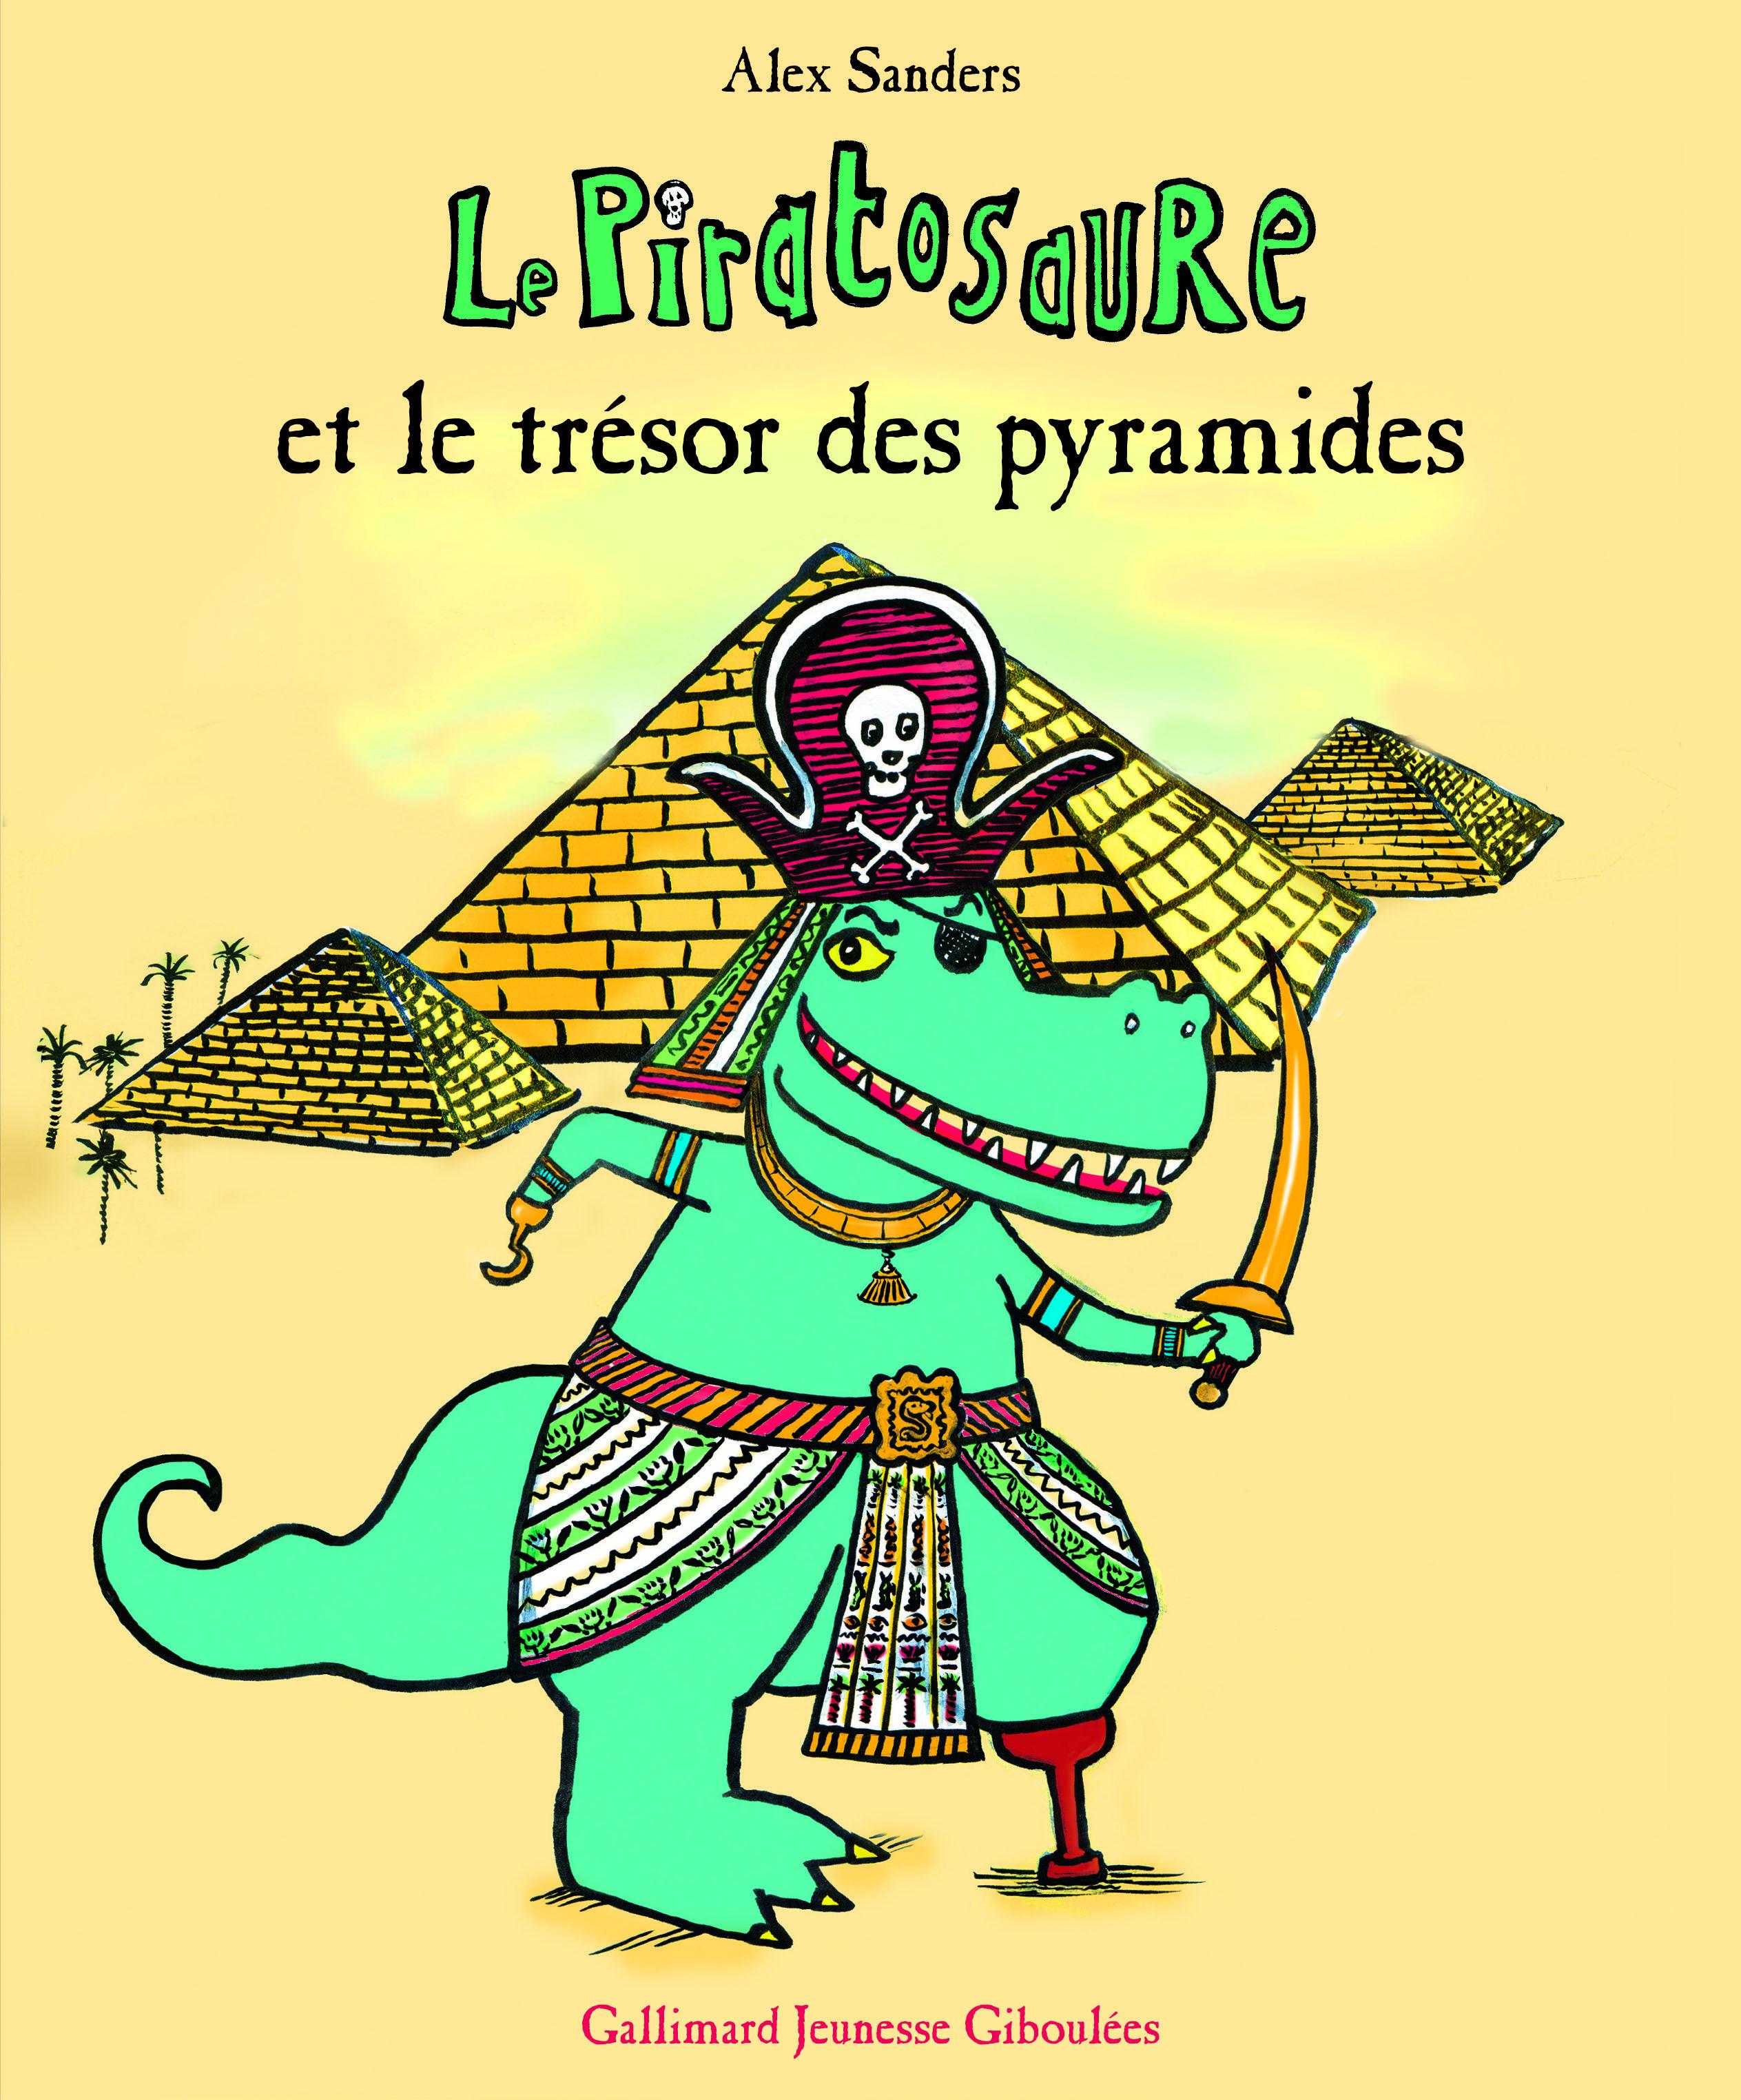 LE PIRATOSAURE ET LE TRESOR DES PYRAMIDES